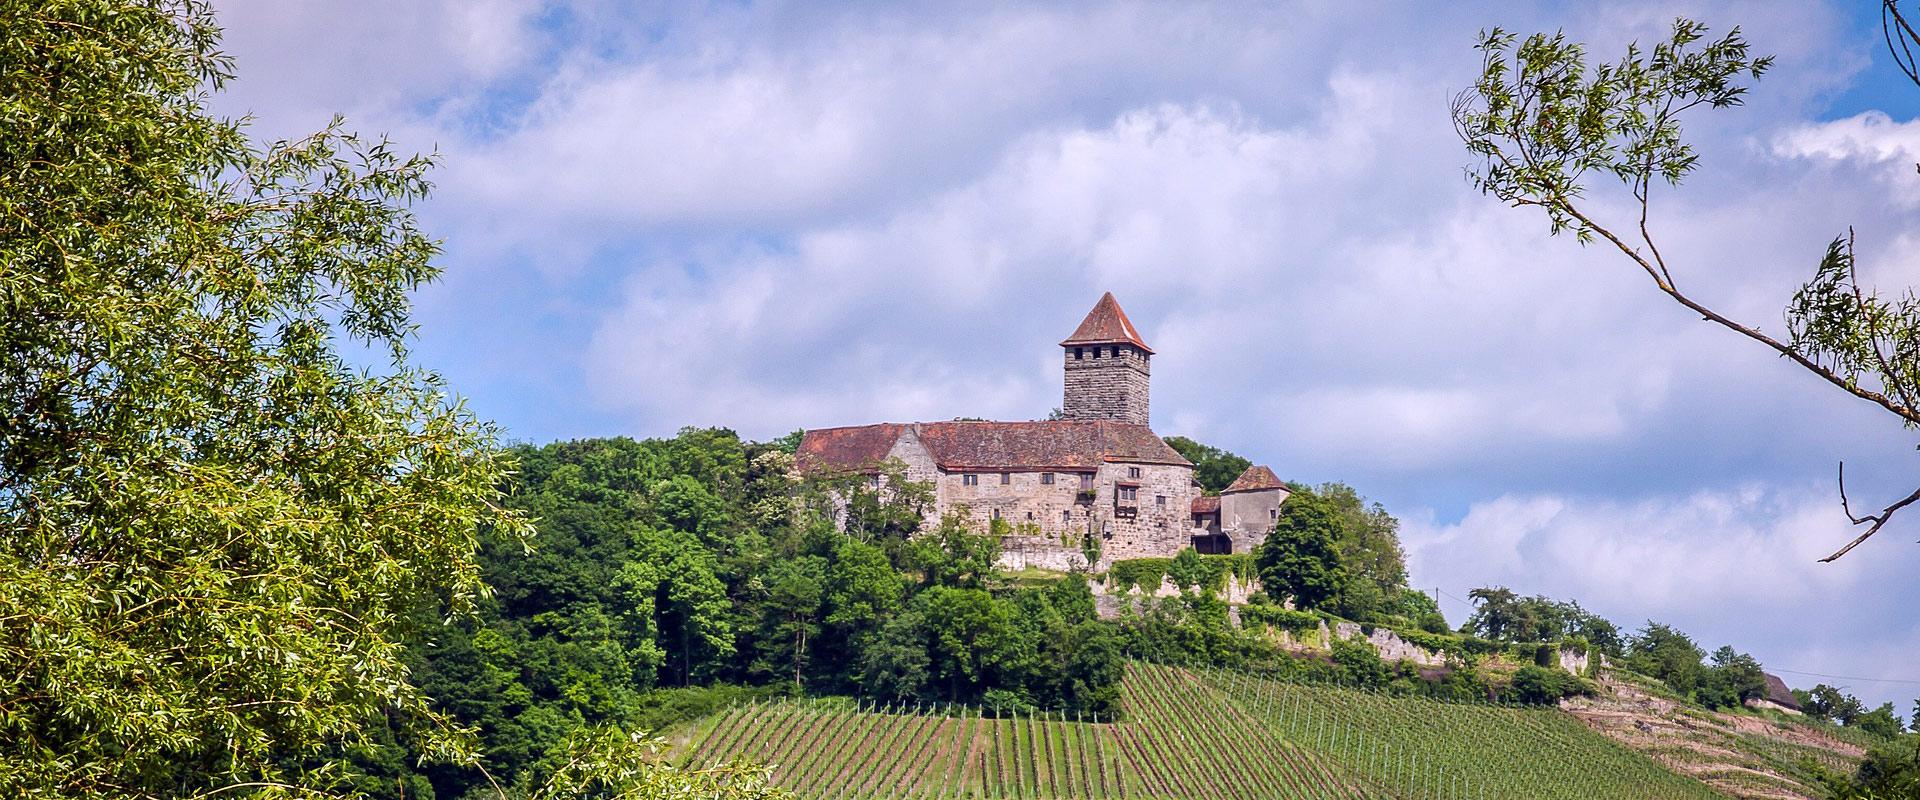 Frankenwald - Burgruine Lichtenberg